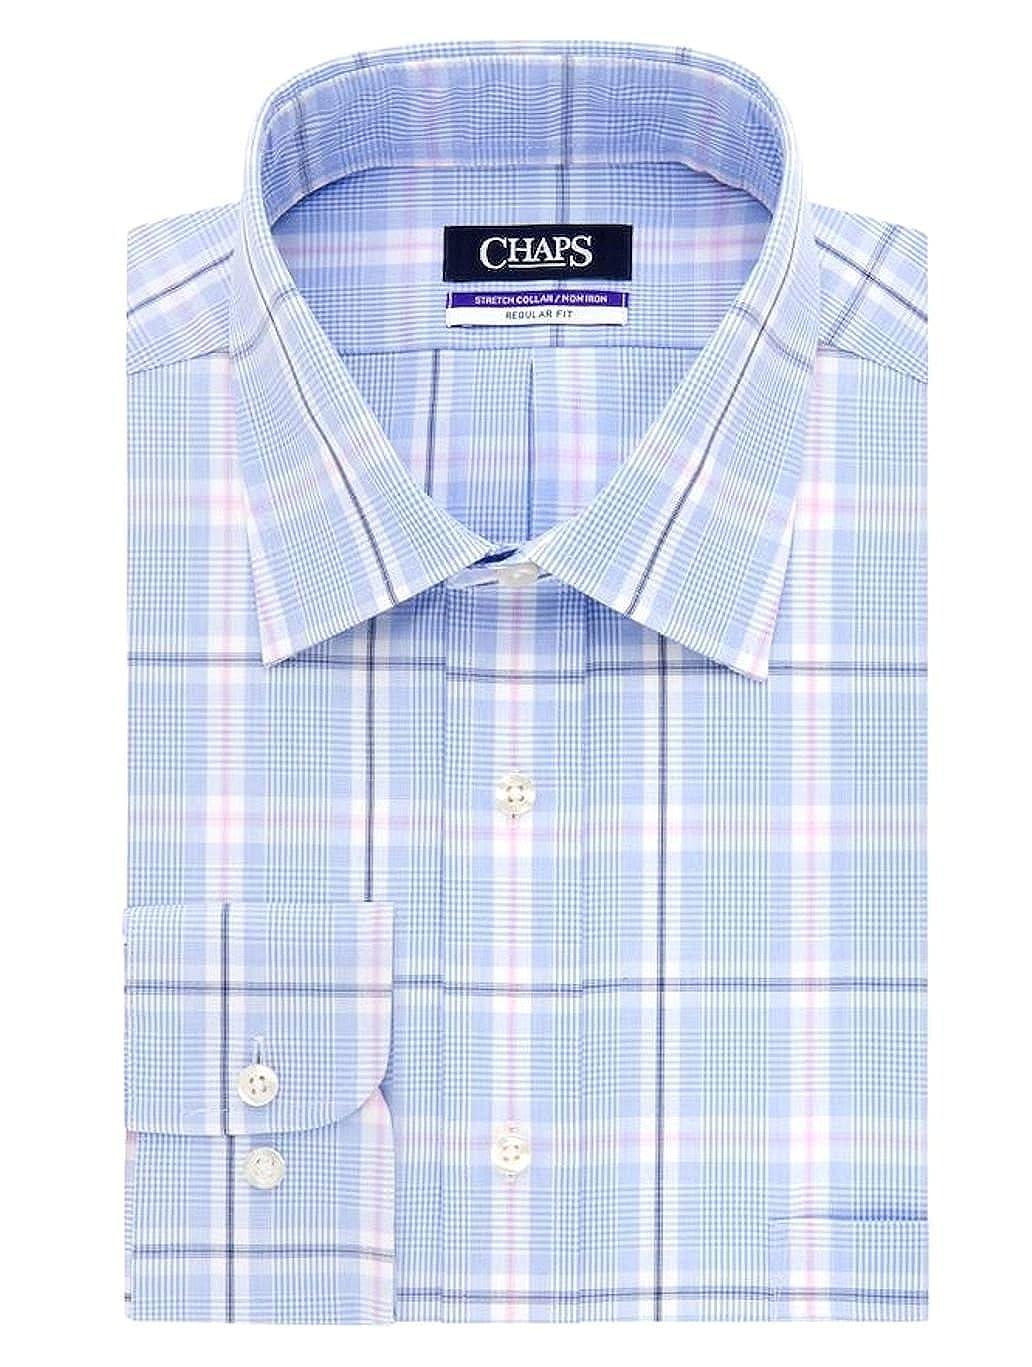 Chaps Mens Regular Fit 100 Cotton Stretch Collar Dress Shirt Blue